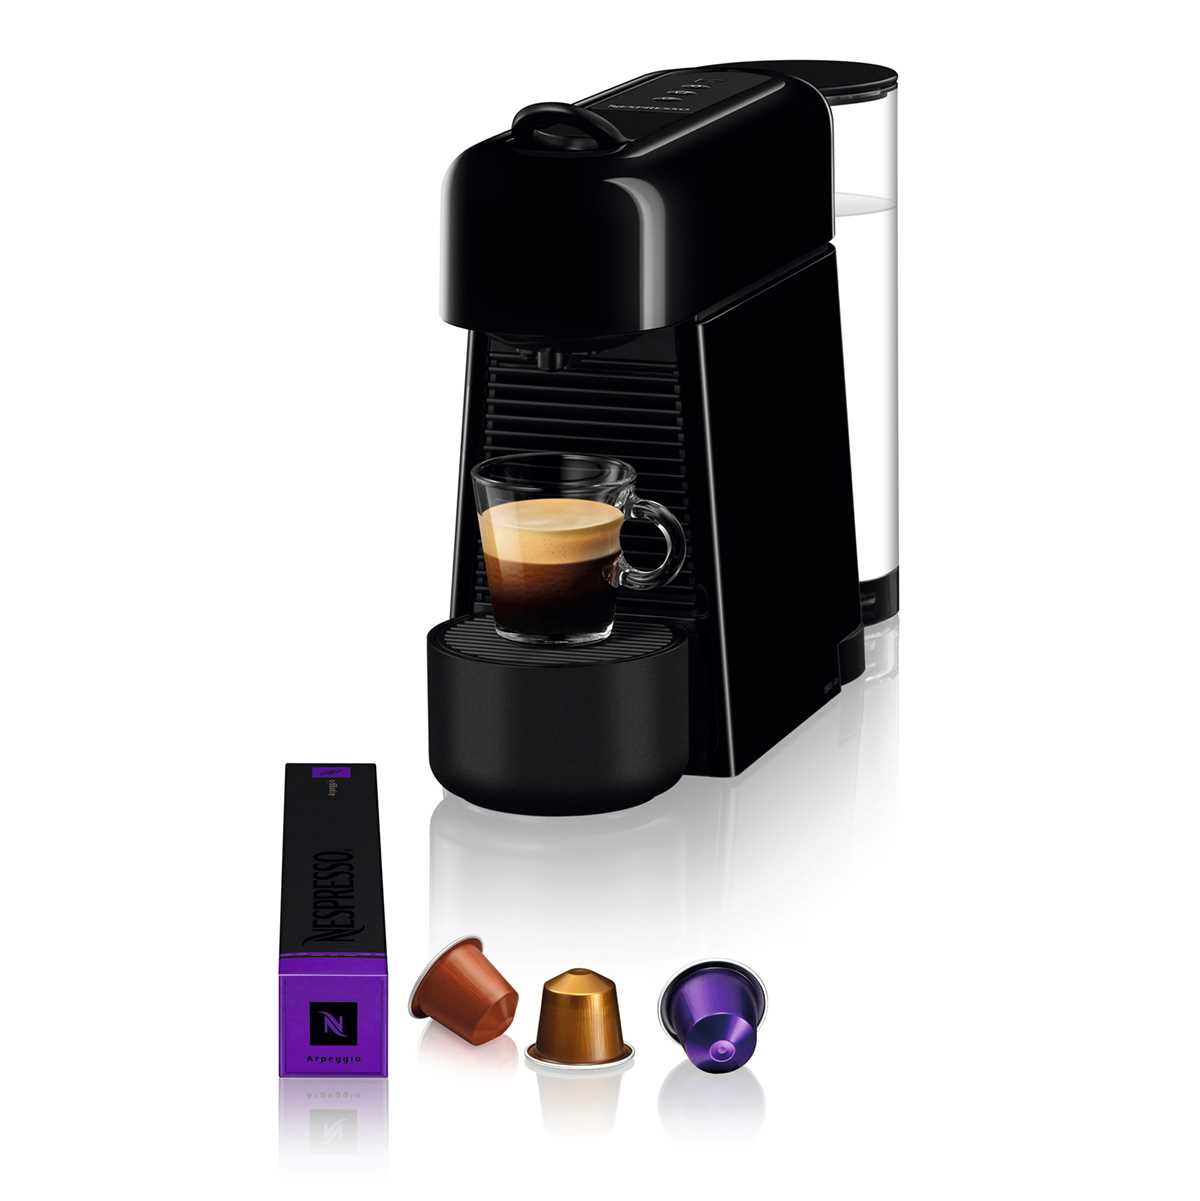 מכונת אספרסו Nespresso Essenza D45 Plus נספרסו כולל מקצף חלב - תמונה 2